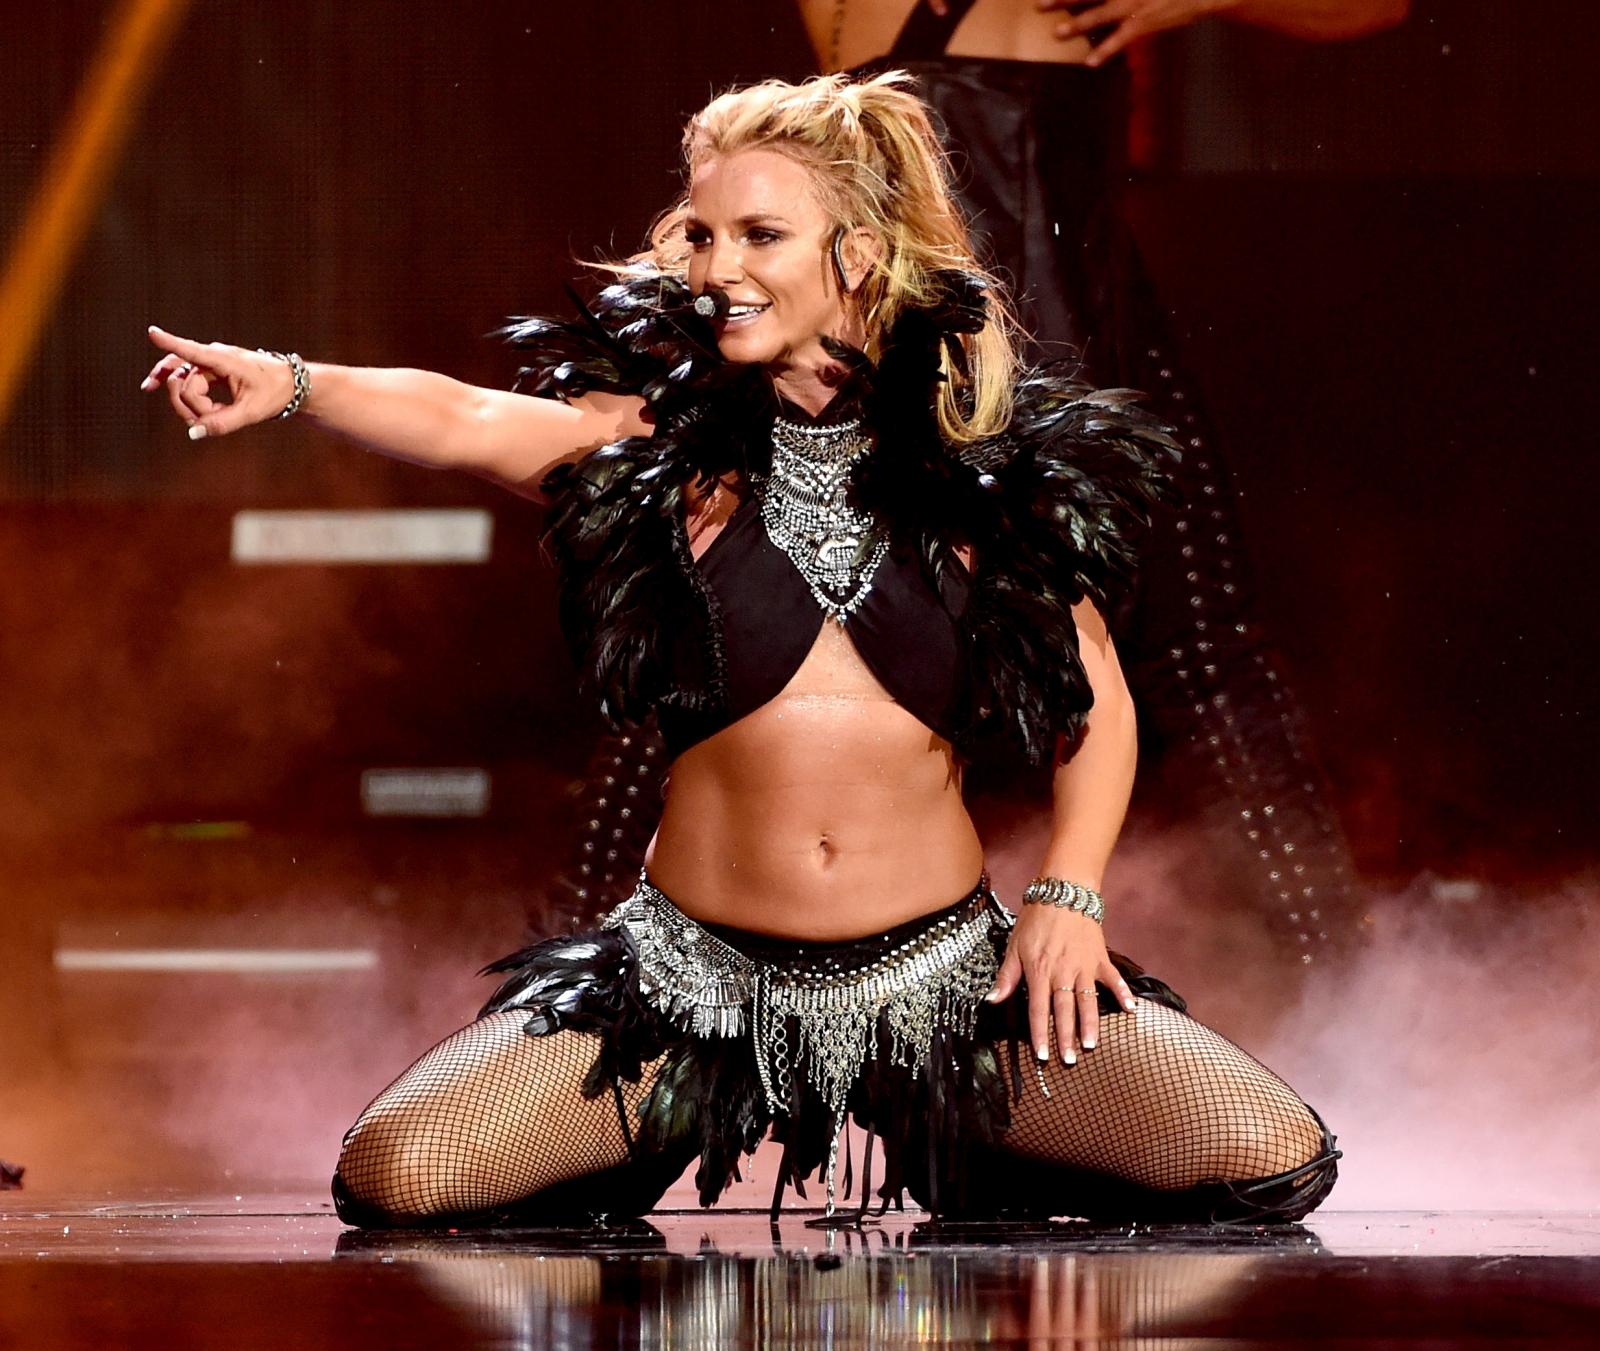 Britney Spears to end Las Vegas residency